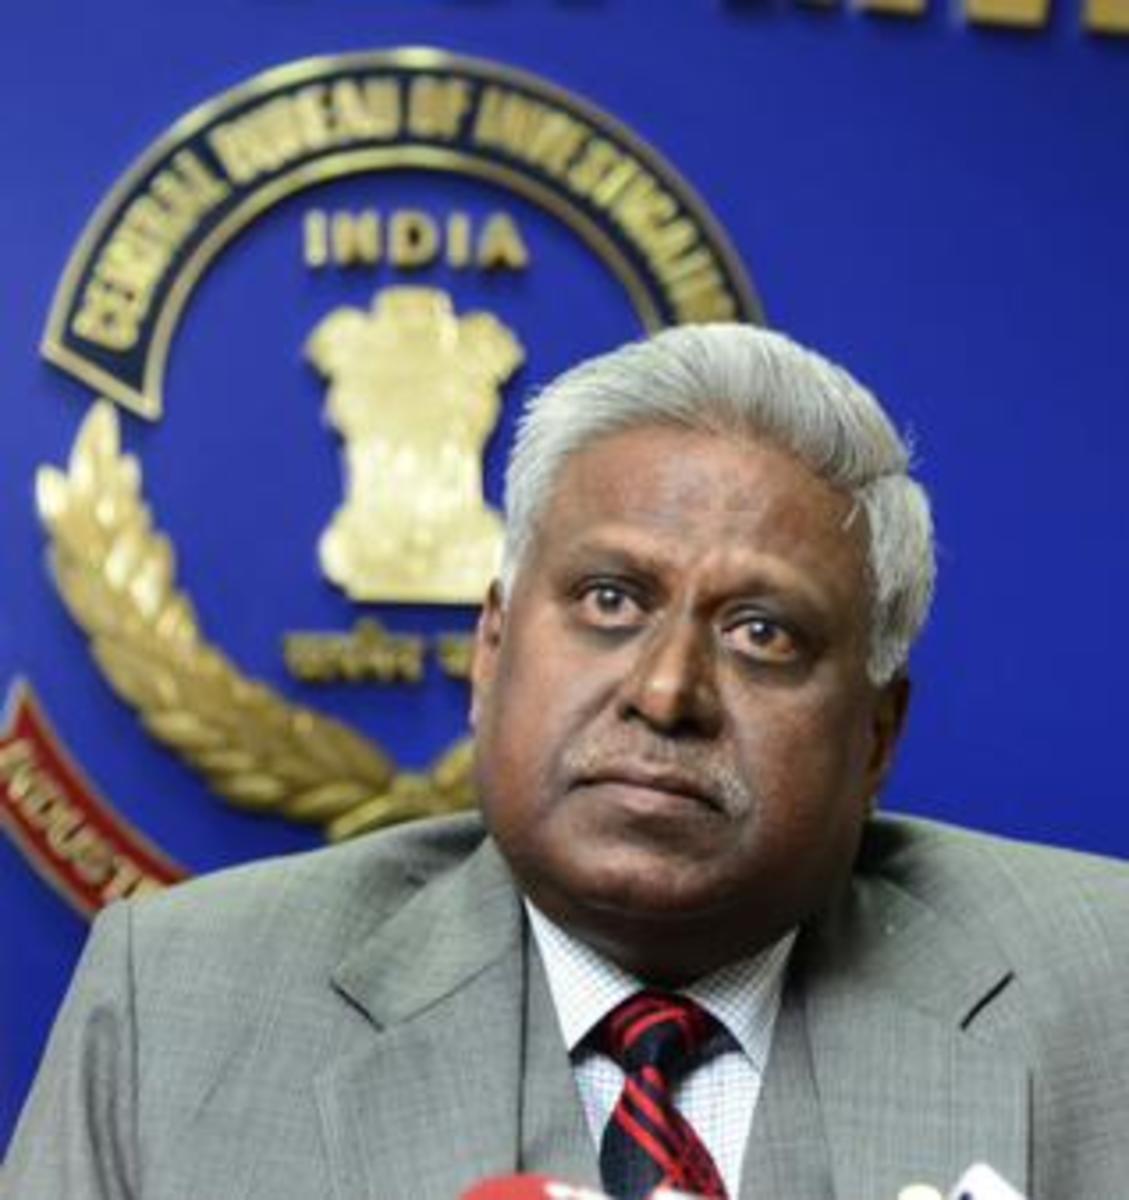 Ranjit Sinha, IPS, is the Director of CBI